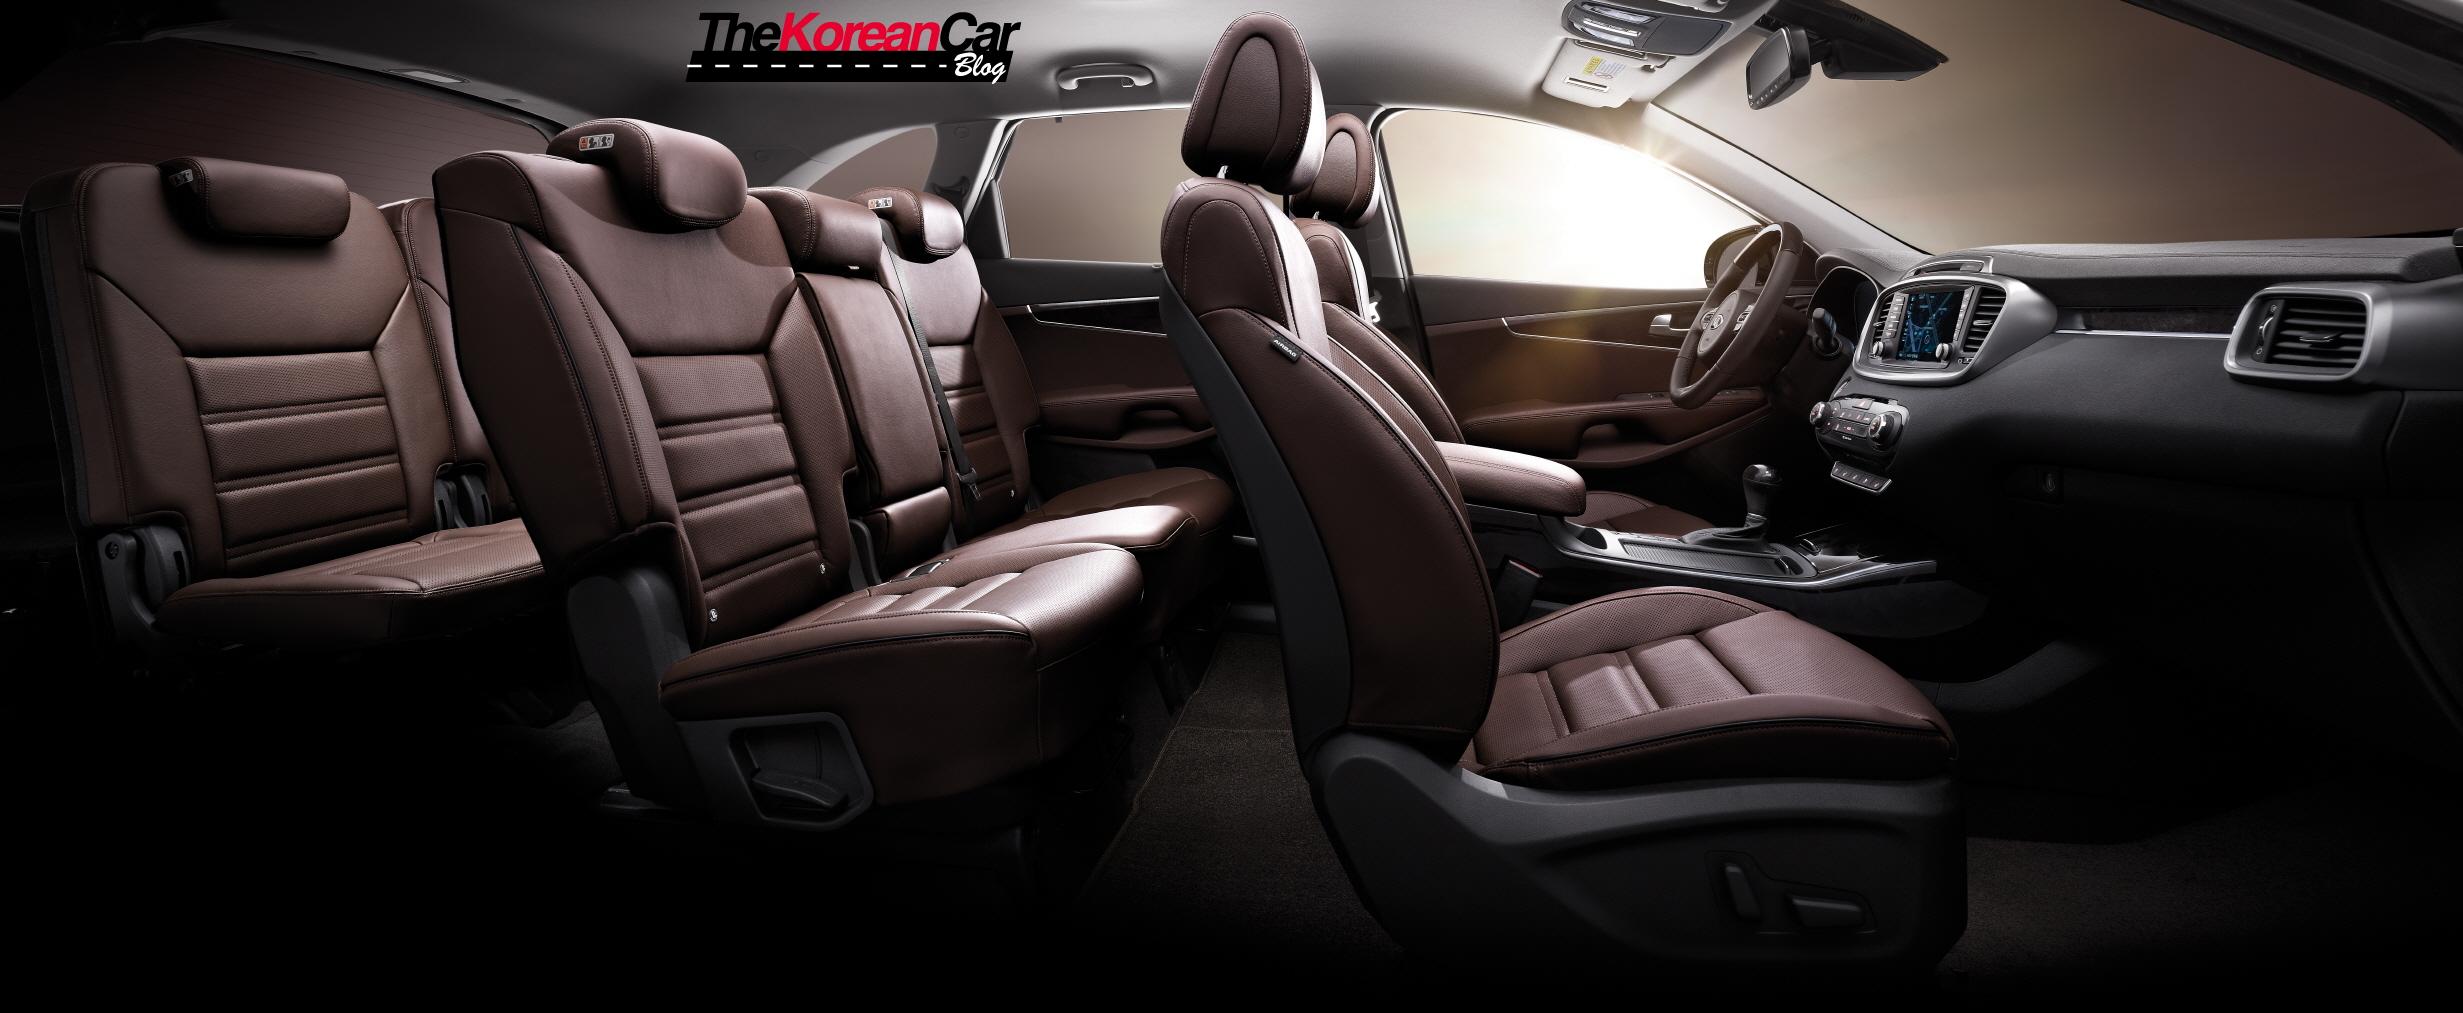 Exclusive Interior Pictures New Kia Sorento Thekoreancarblog (2)